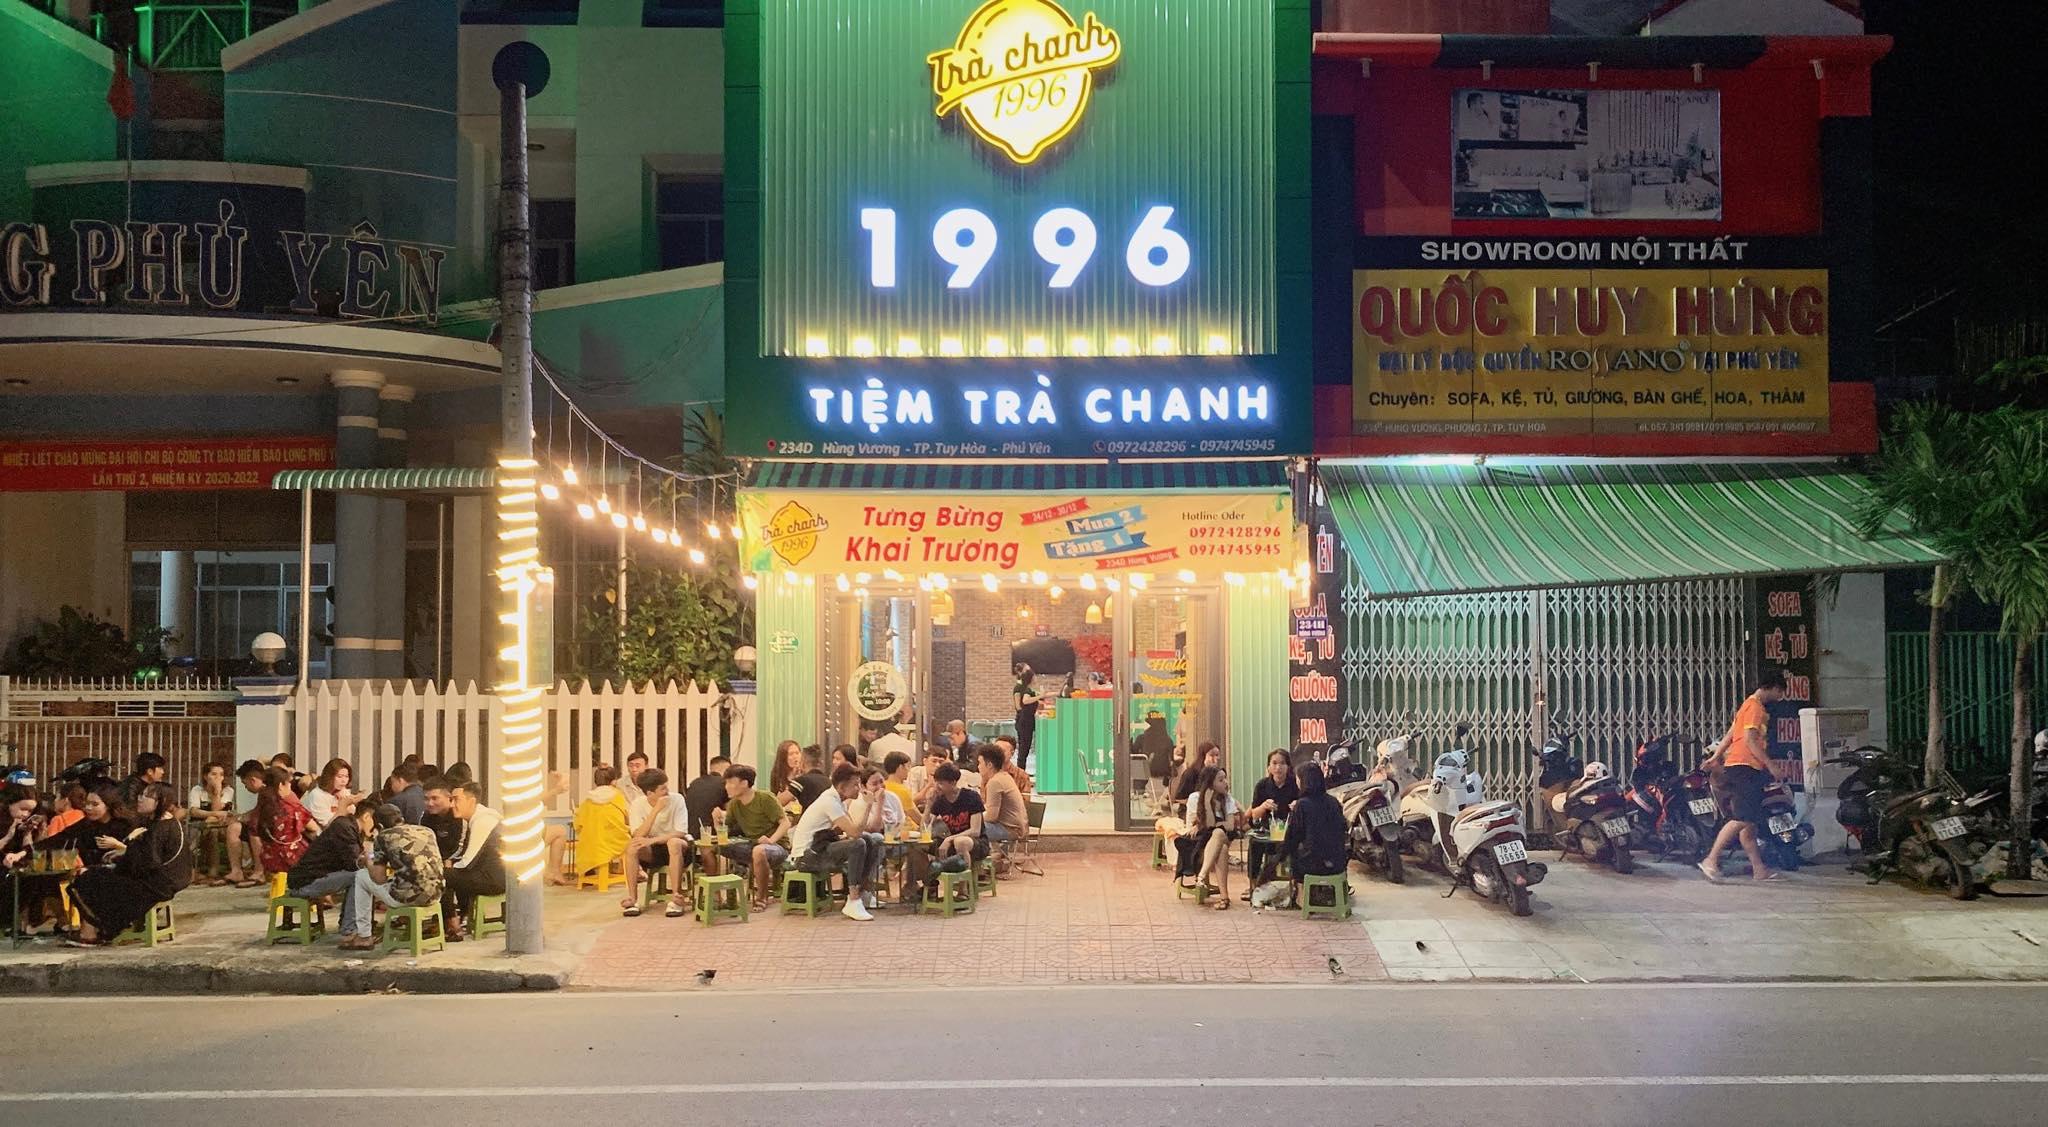 Trà chanh 1996 - Một trong những quán trà chanh tại Tuy Hòa ấn tượng